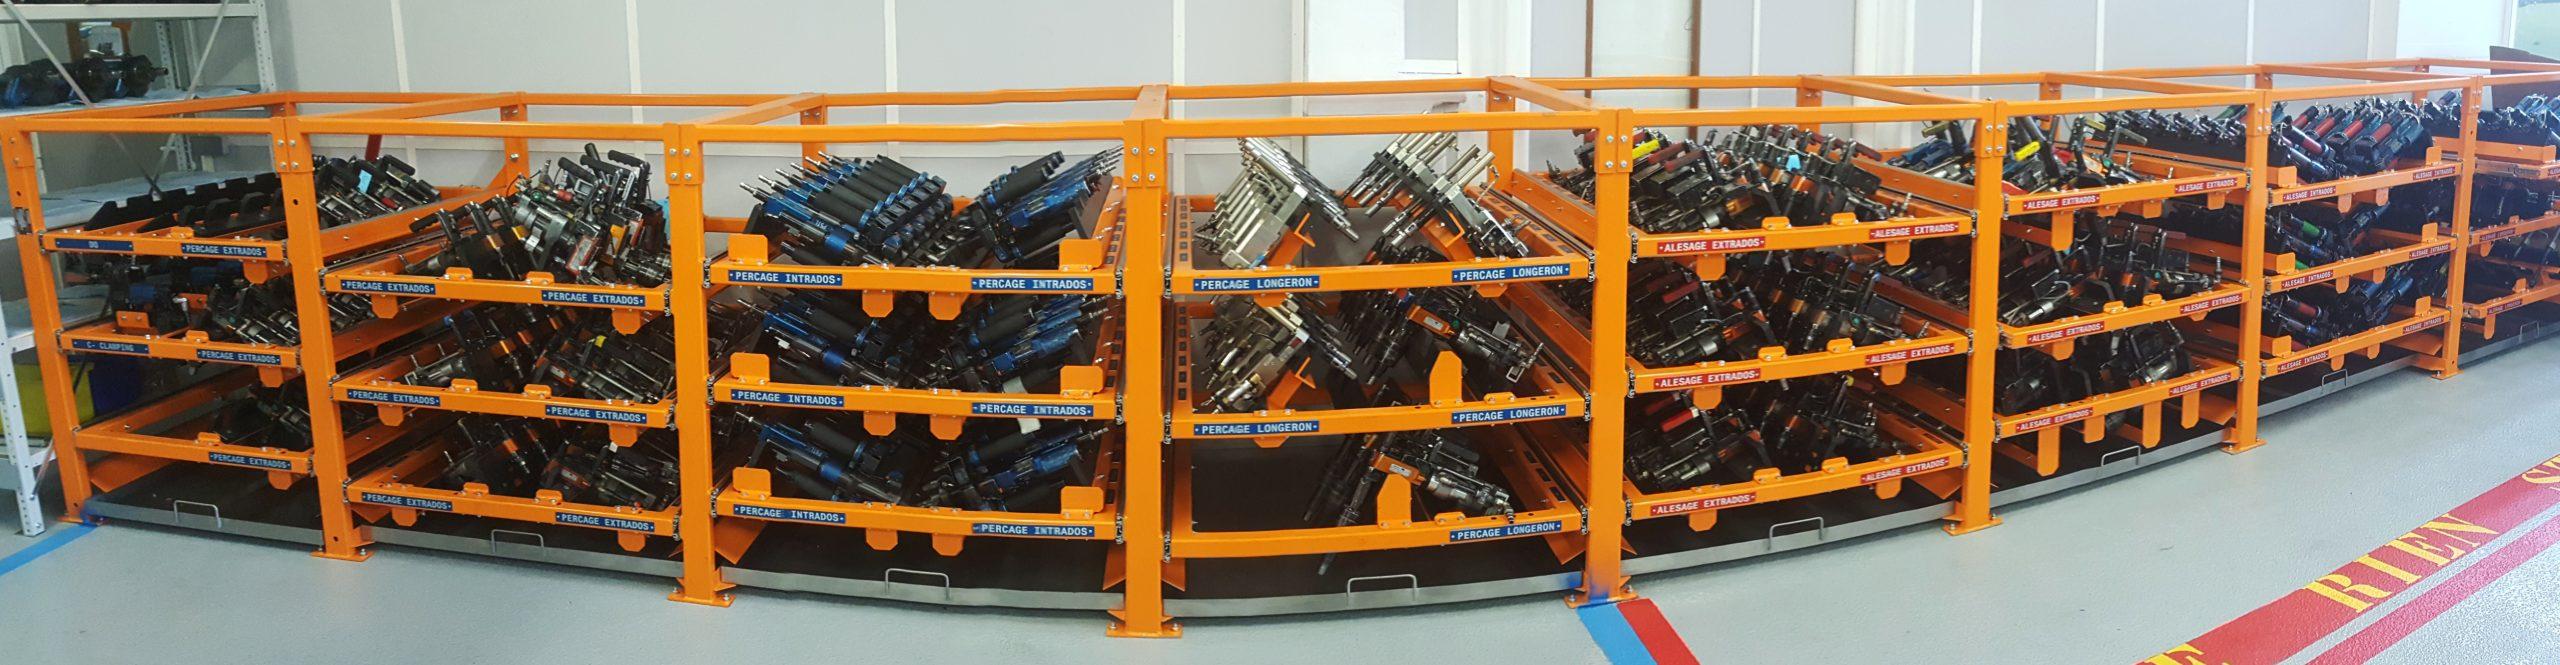 Rack de stockage UPA